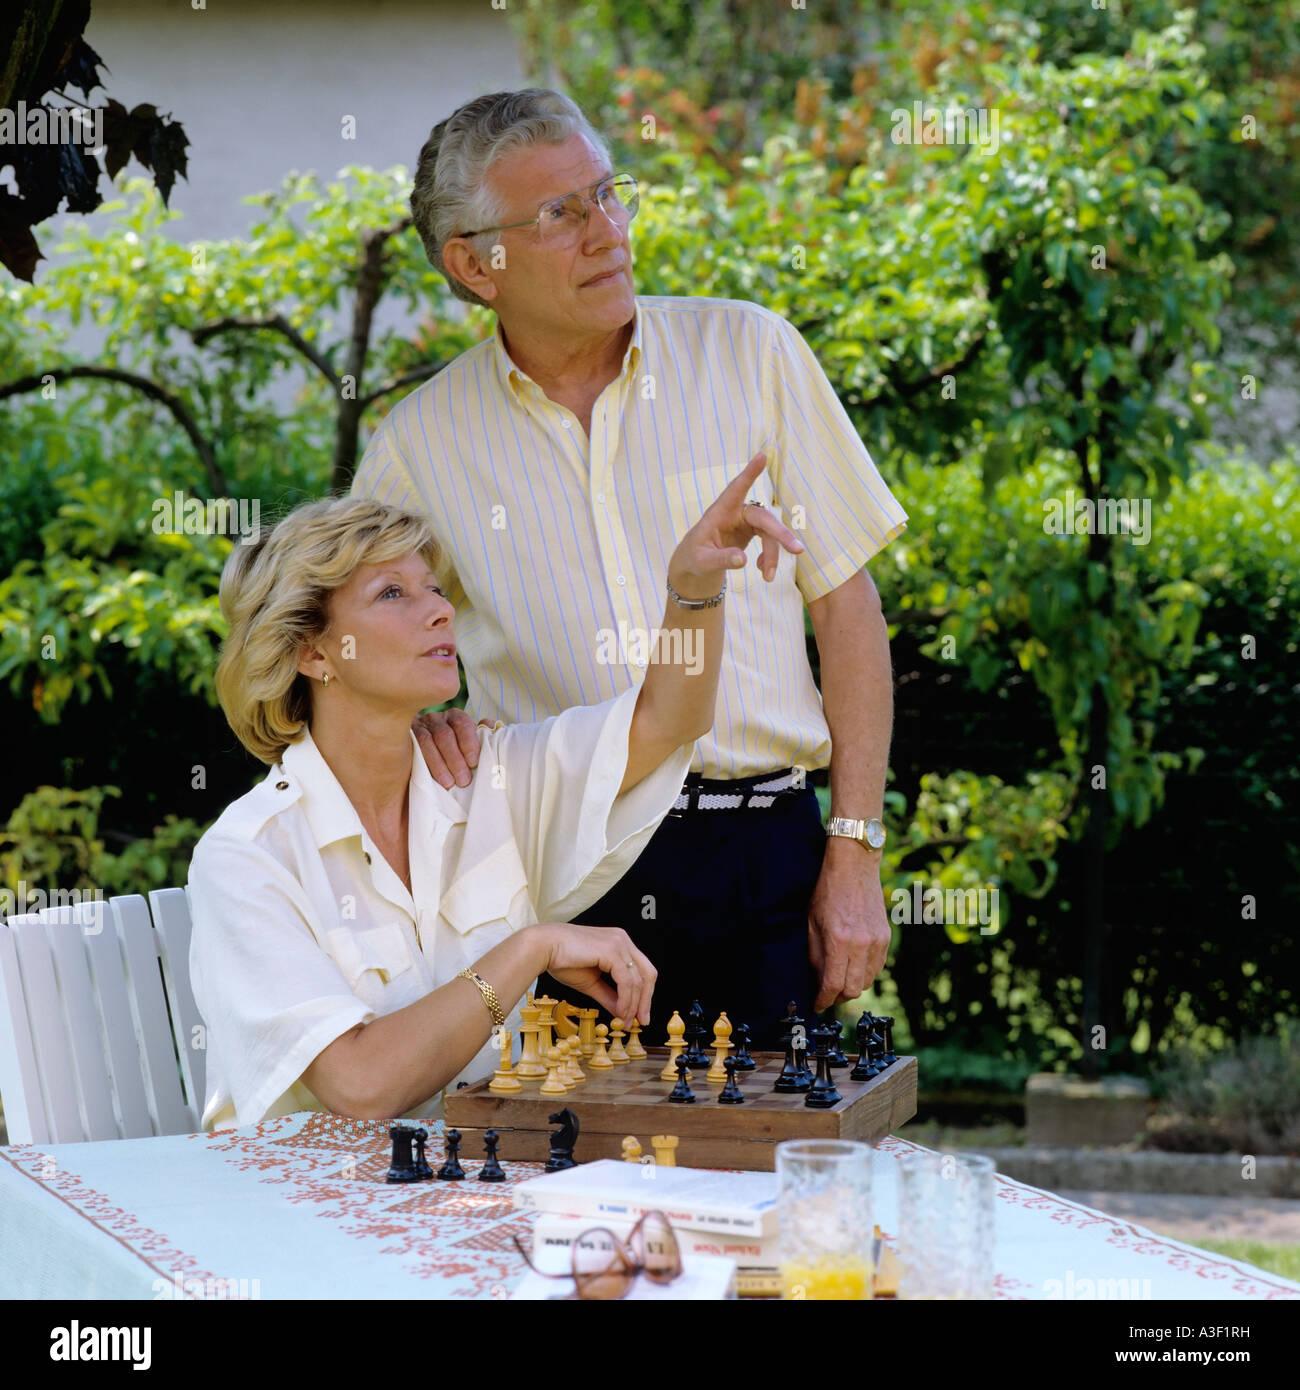 Le portrait de M. YOUNG COUPLE IN GARDEN Banque D'Images